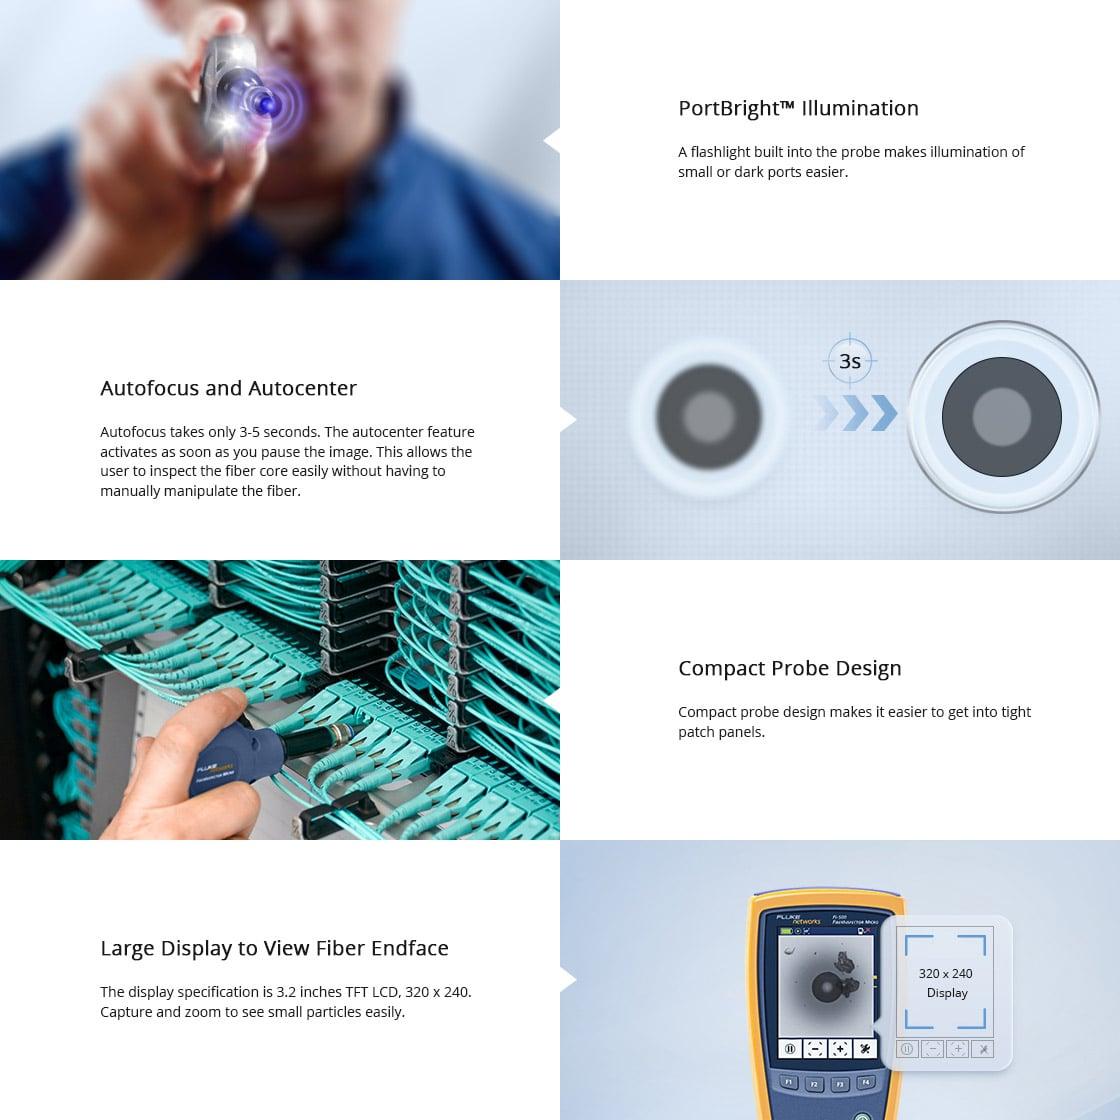 光ファイバ検査装置 FI-500FiberInspector™マイクロファイバ検査スコープカメラの重要な利点